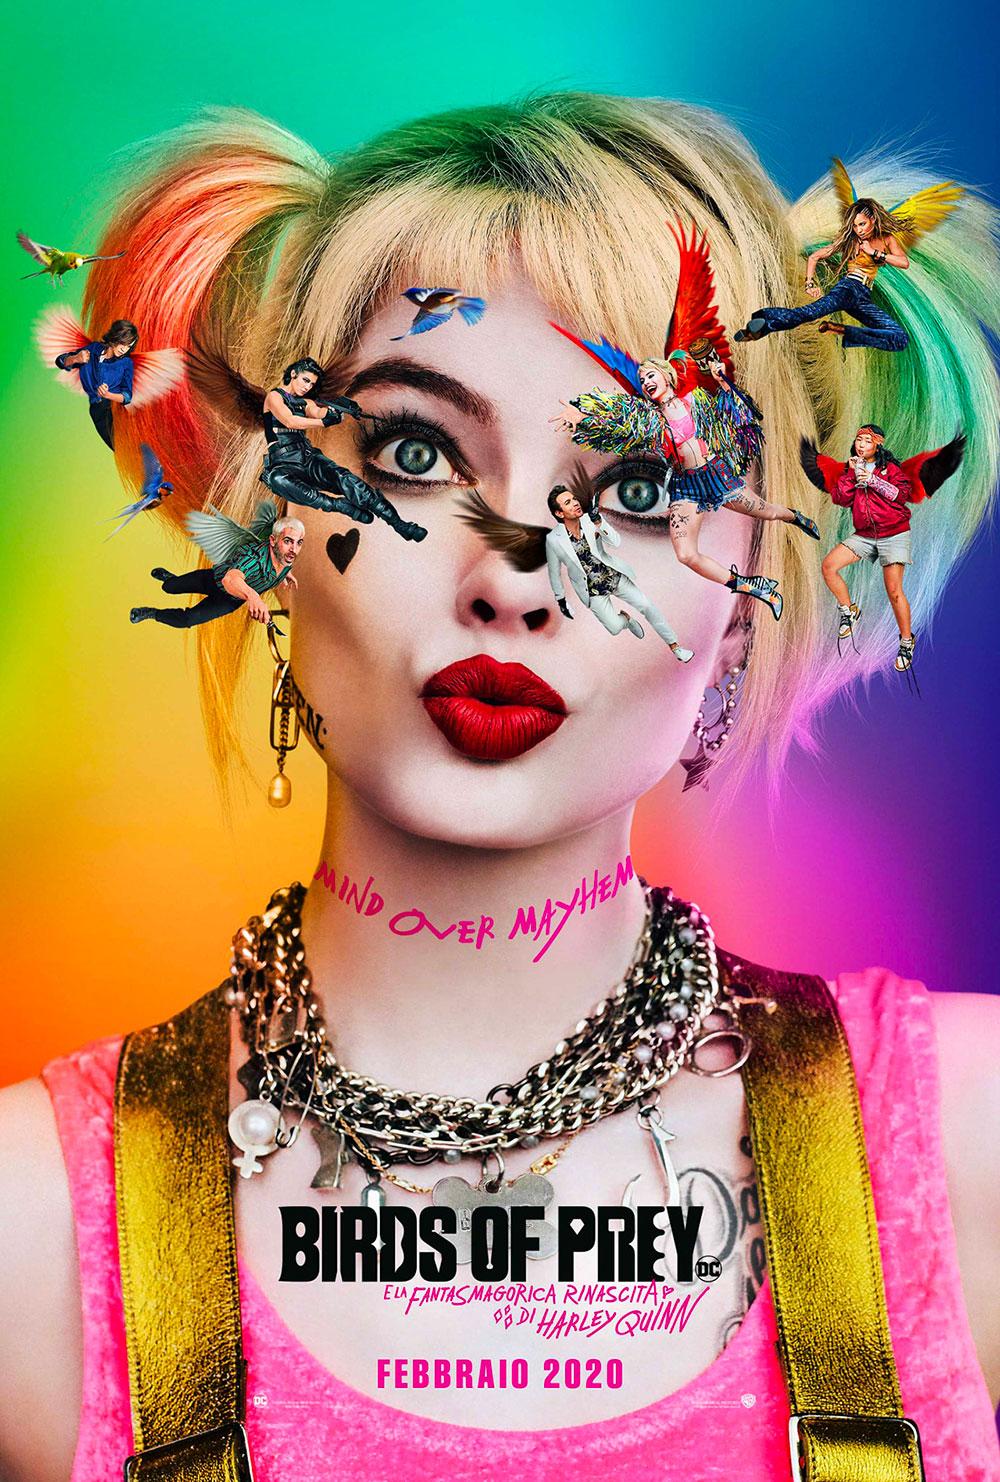 In foto Margot Robbie (31 anni) Dall'articolo: Birds of Prey (E la Fantasmagorica Rinascita di Harley Quinn), il poster italiano del film.